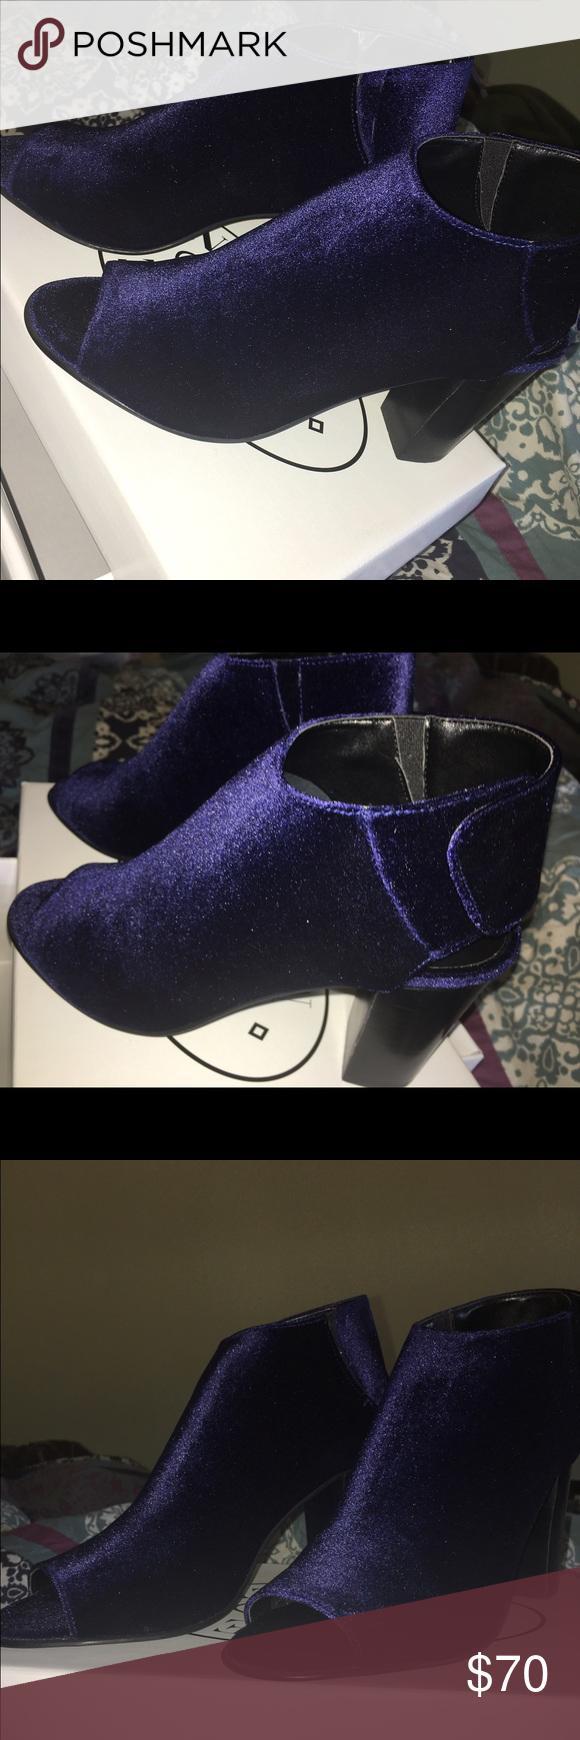 Steve Madden Royal Blue velvet heels. These are a size 9, Steve Madden open toe wedge/heel. Royal blue velvet material. NEVER WORN. Steve Madden Shoes Heels